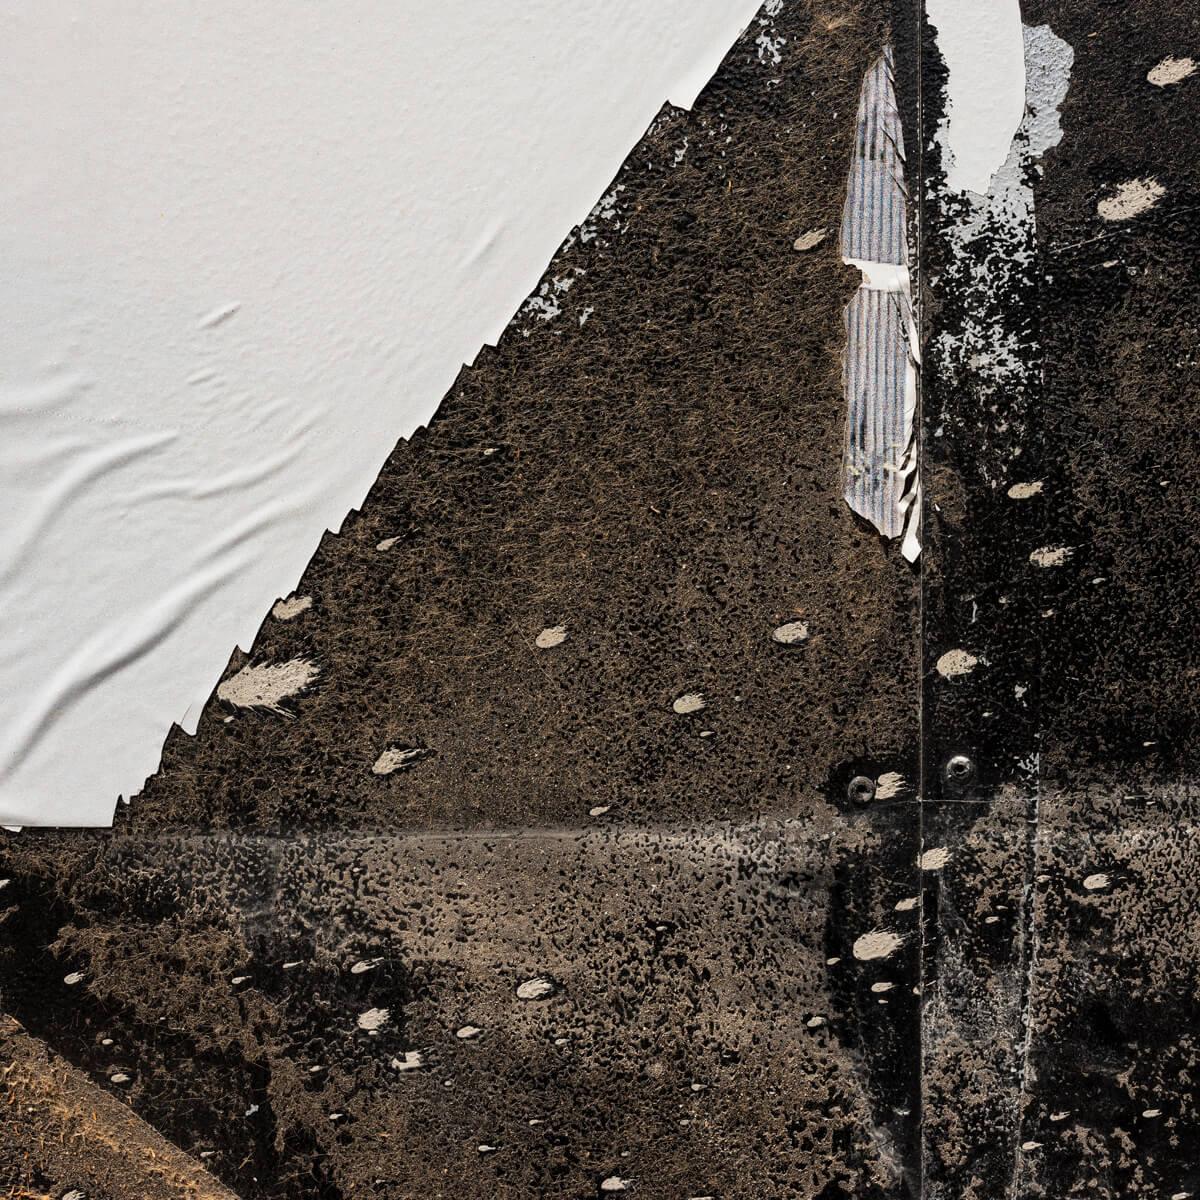 Ferran Giménez, Dyeu-10112019 _09, 2019